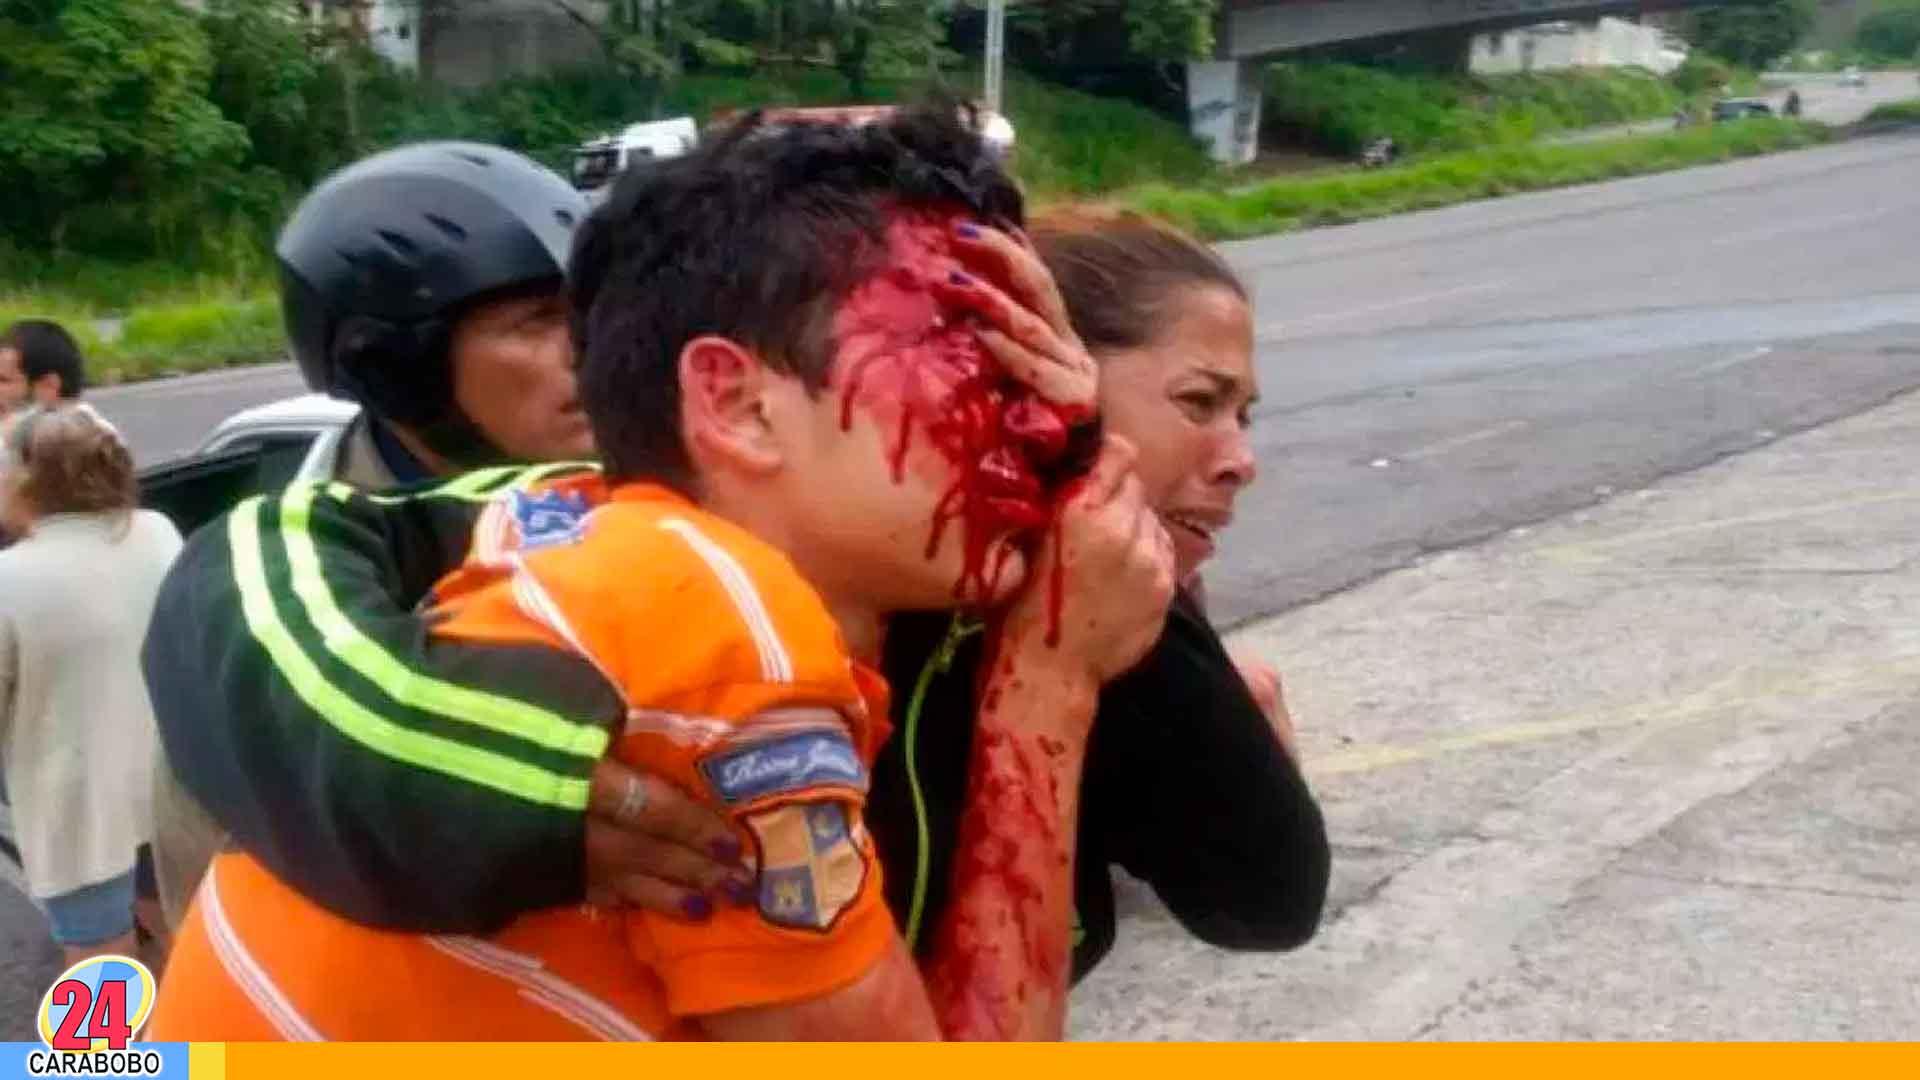 Noticias 24 Carabobo - Dejan ciego a líceista en Táchira